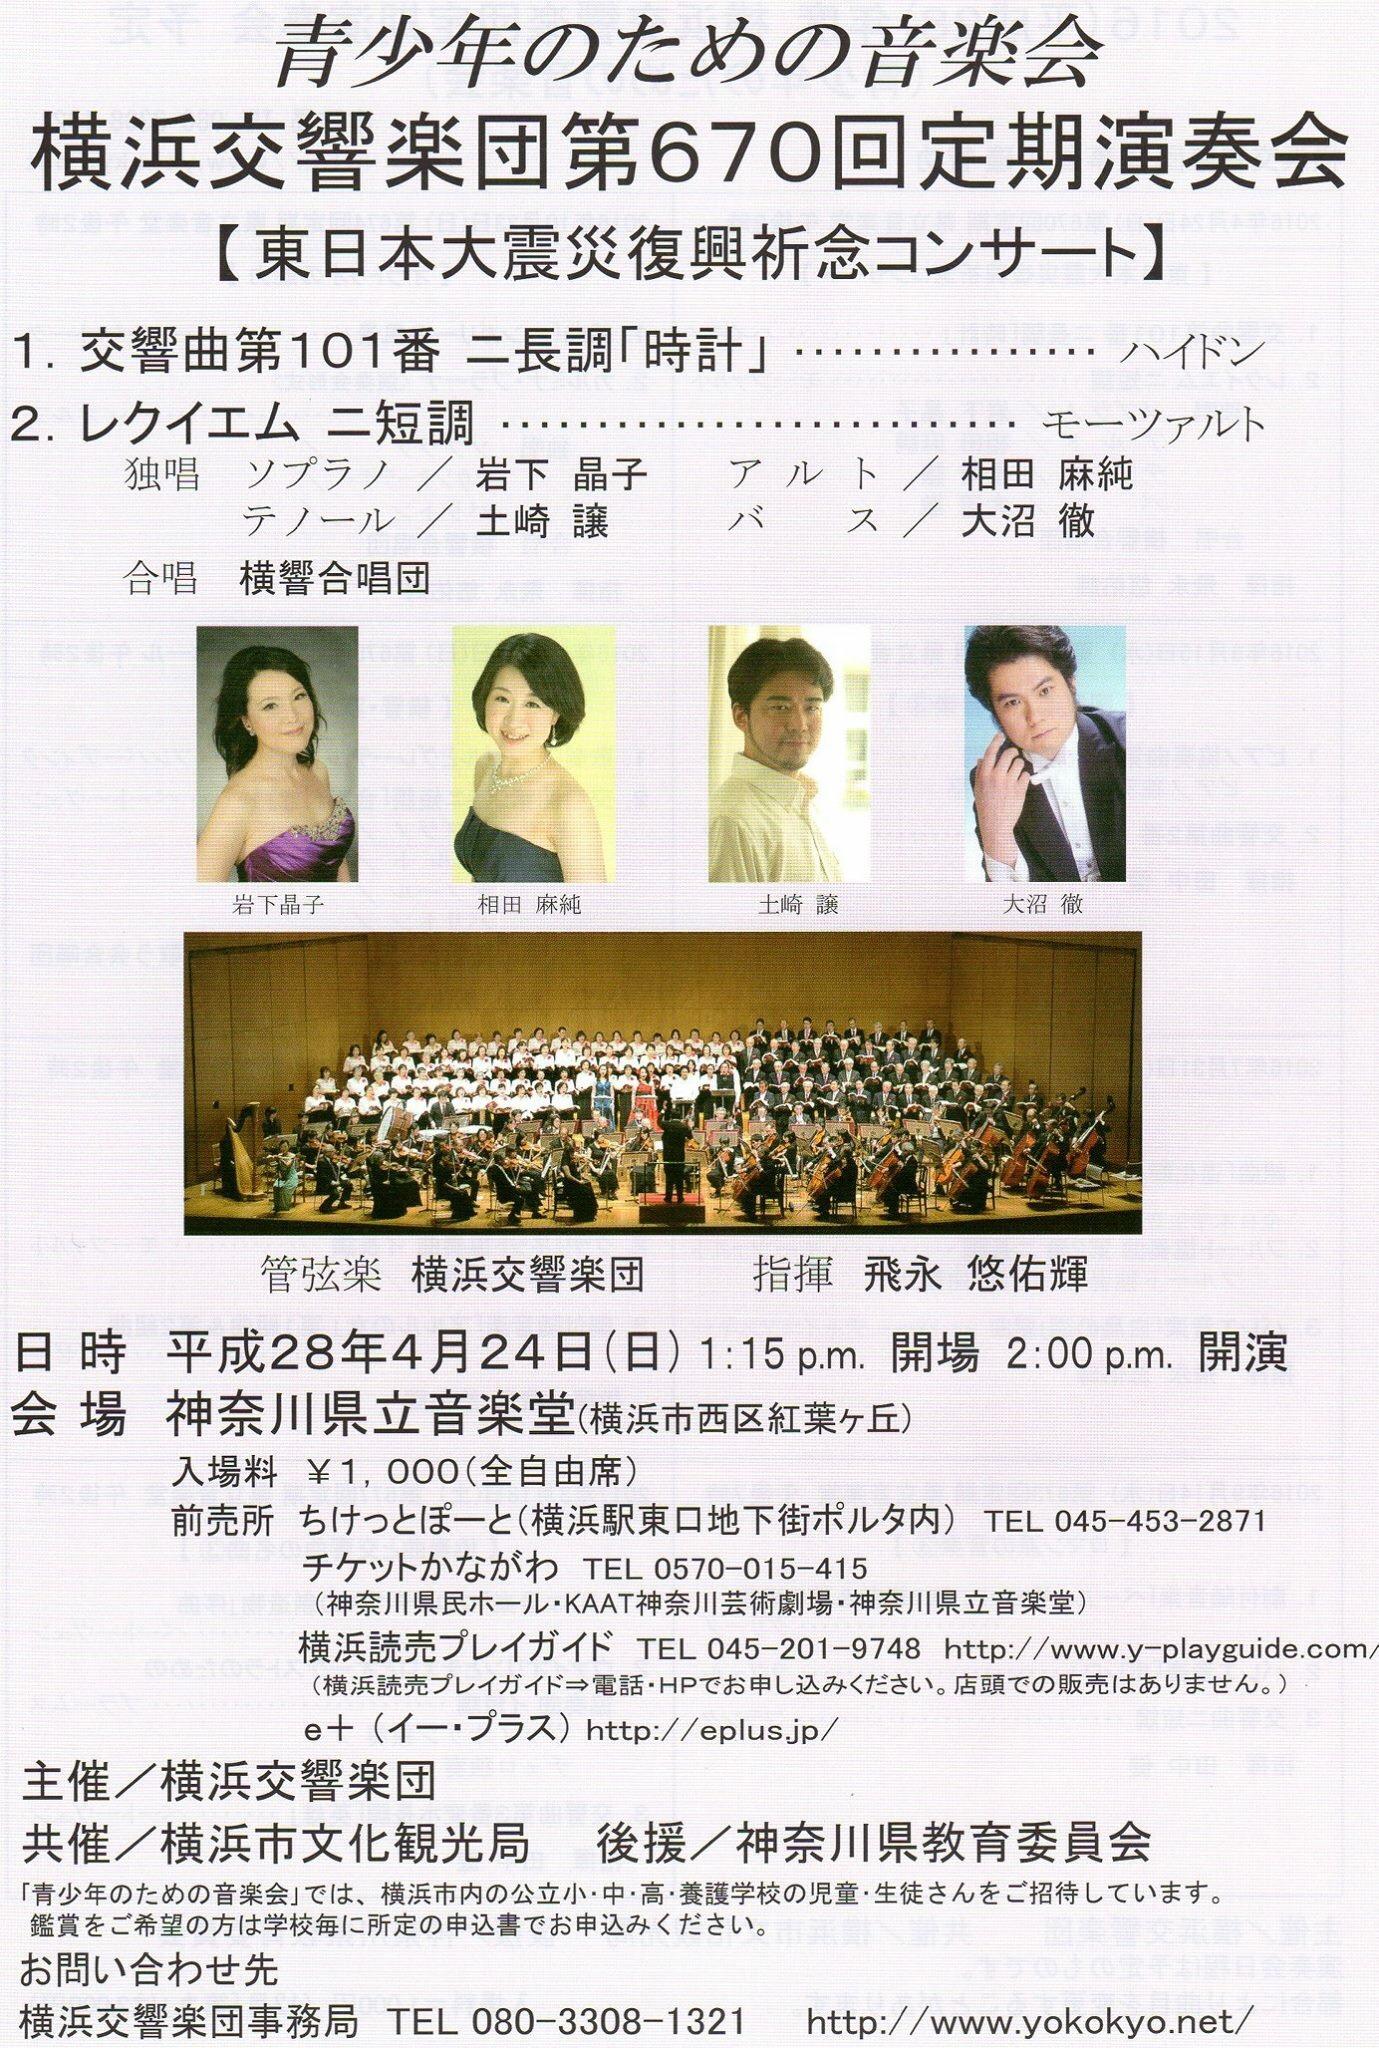 横浜交響楽団第670回定期演奏会